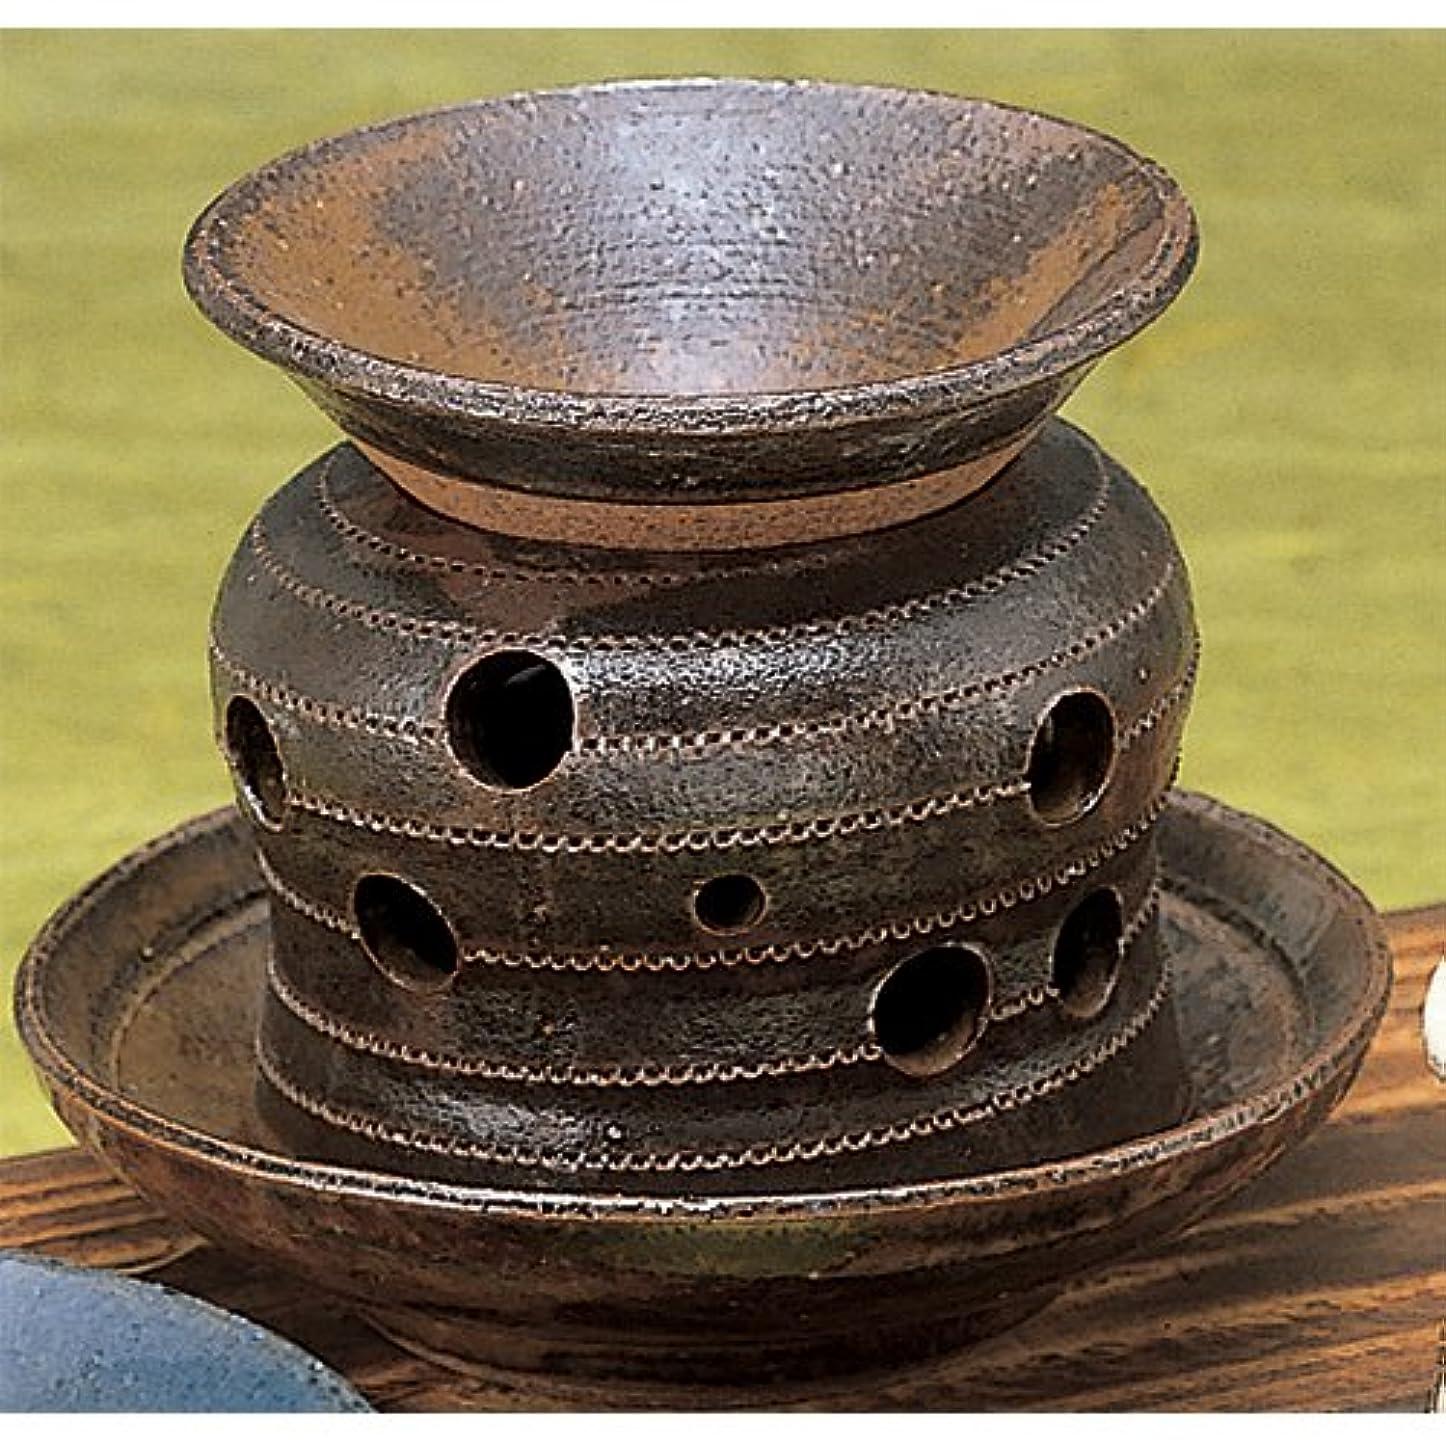 近々キャリッジインデックス香炉 灰流し 茶香炉 [R13xH10.5cm] プレゼント ギフト 和食器 かわいい インテリア